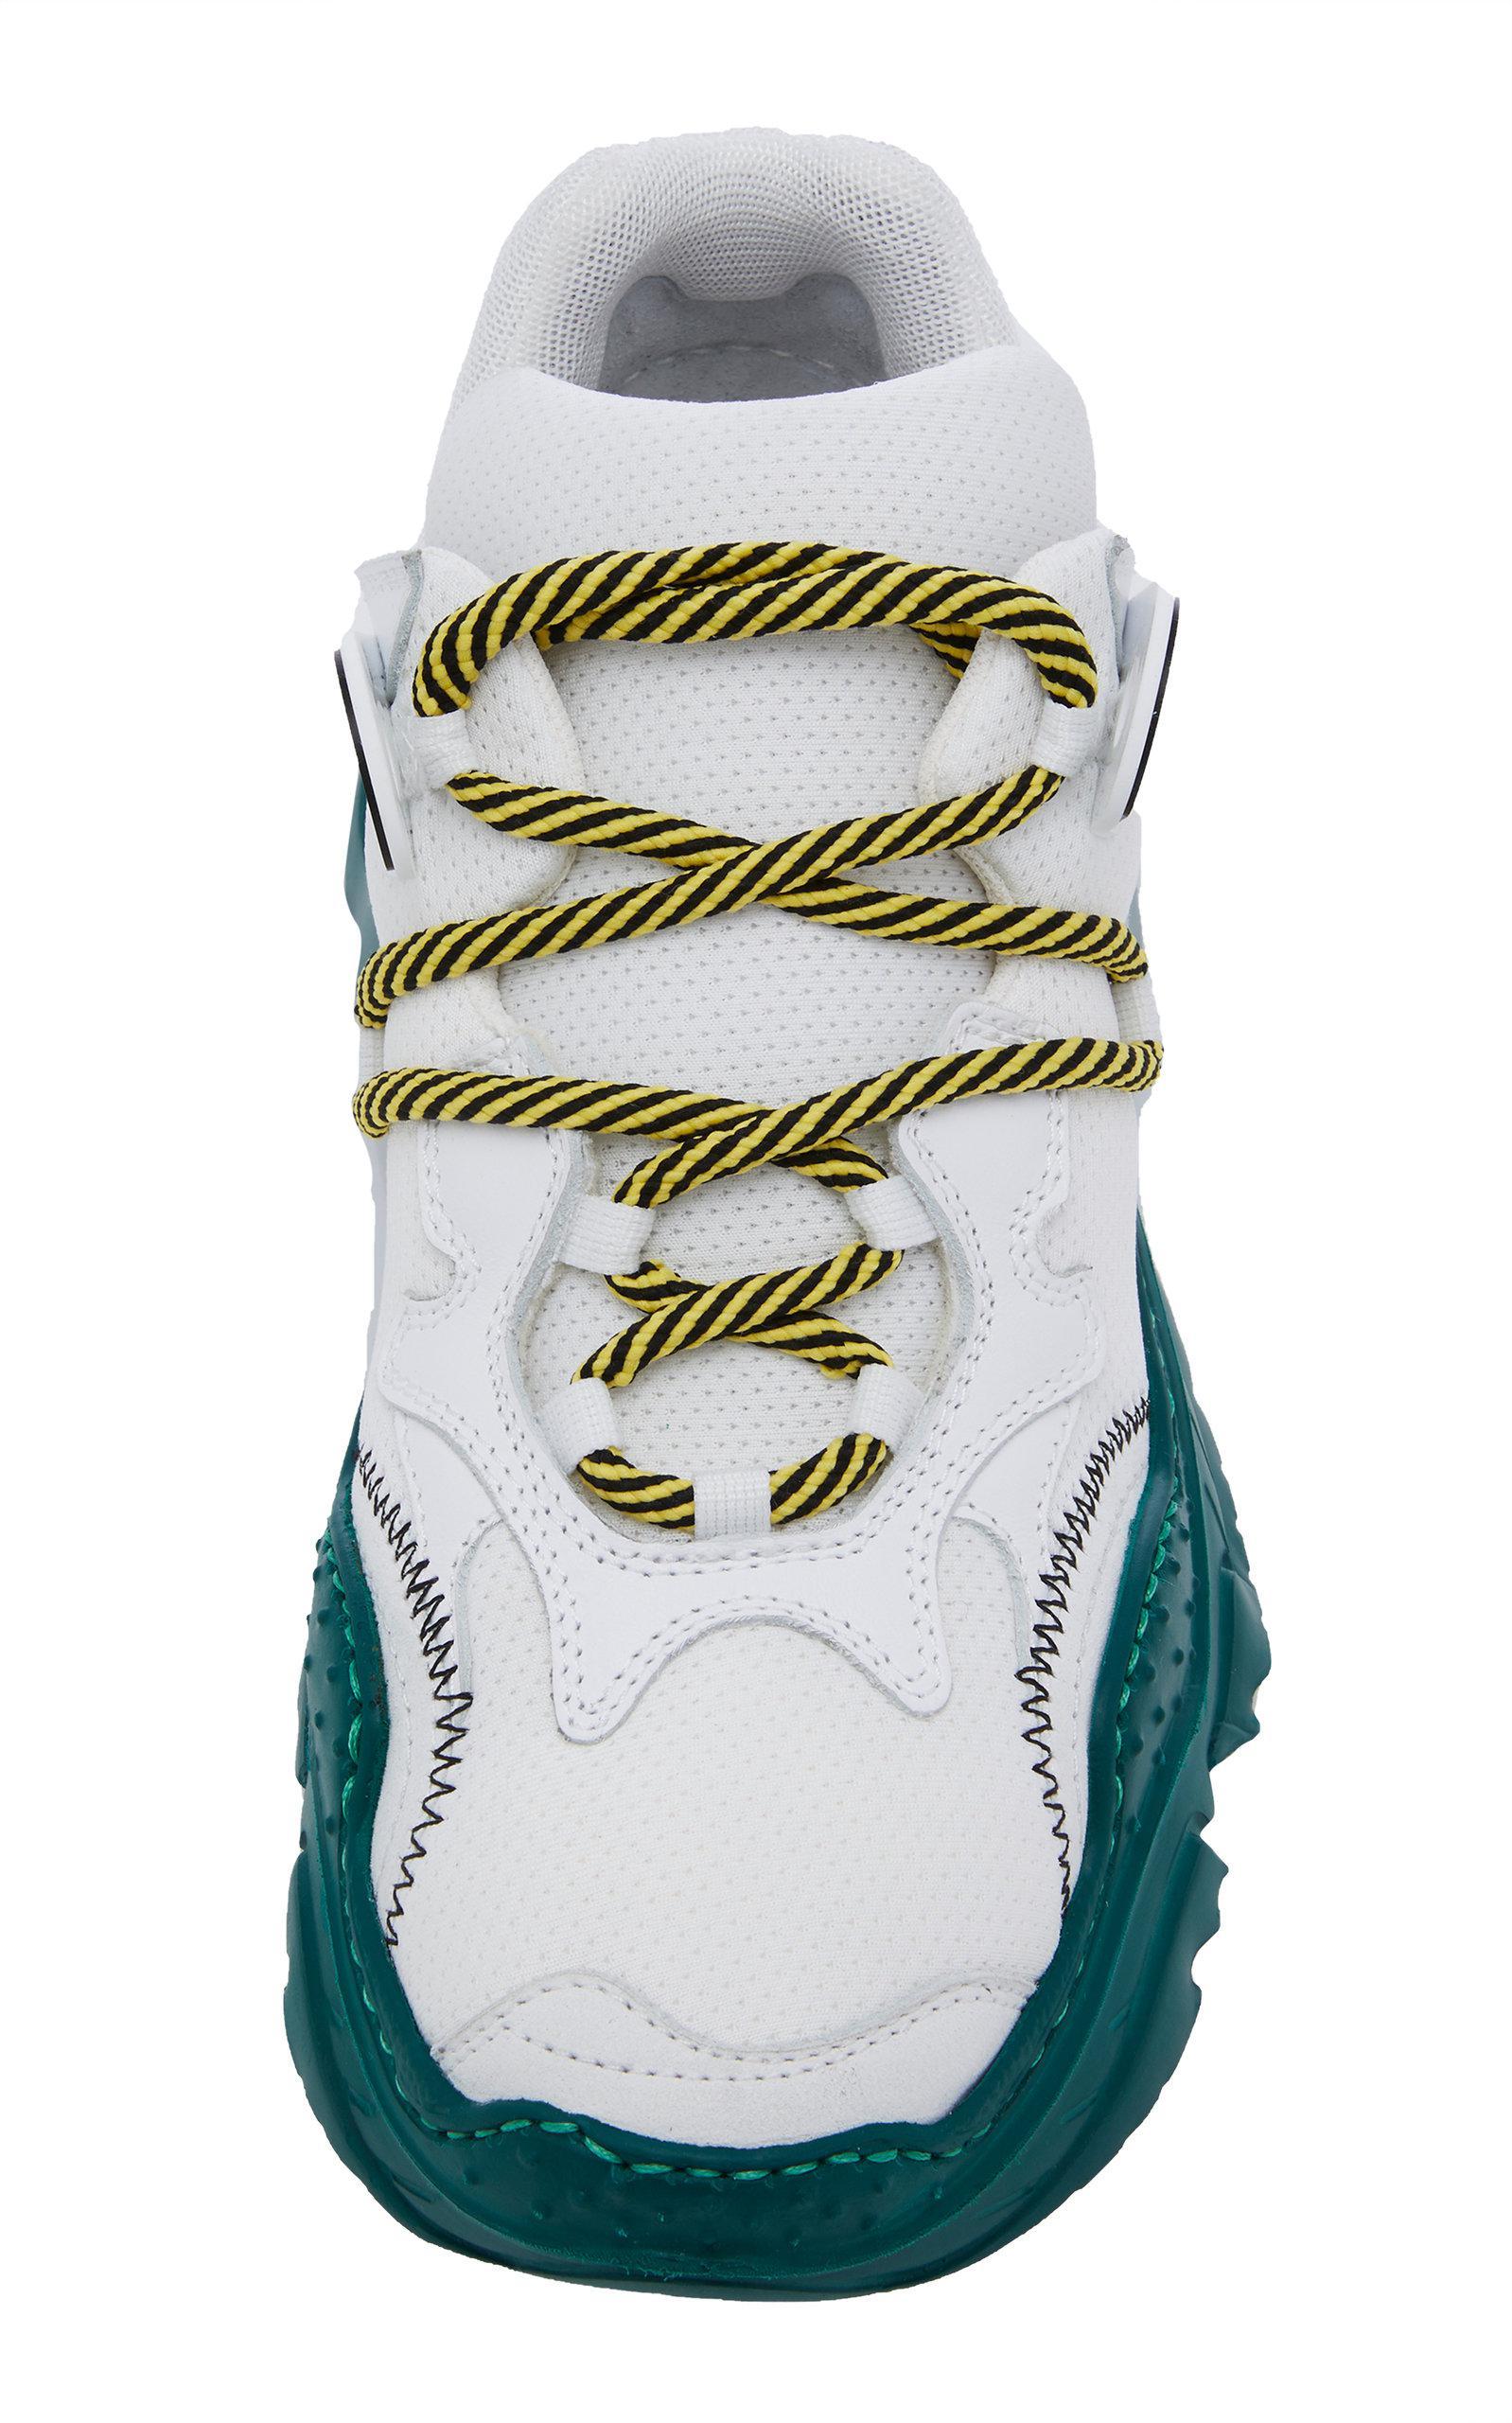 N°21 Leather Billy Sneaker in Green